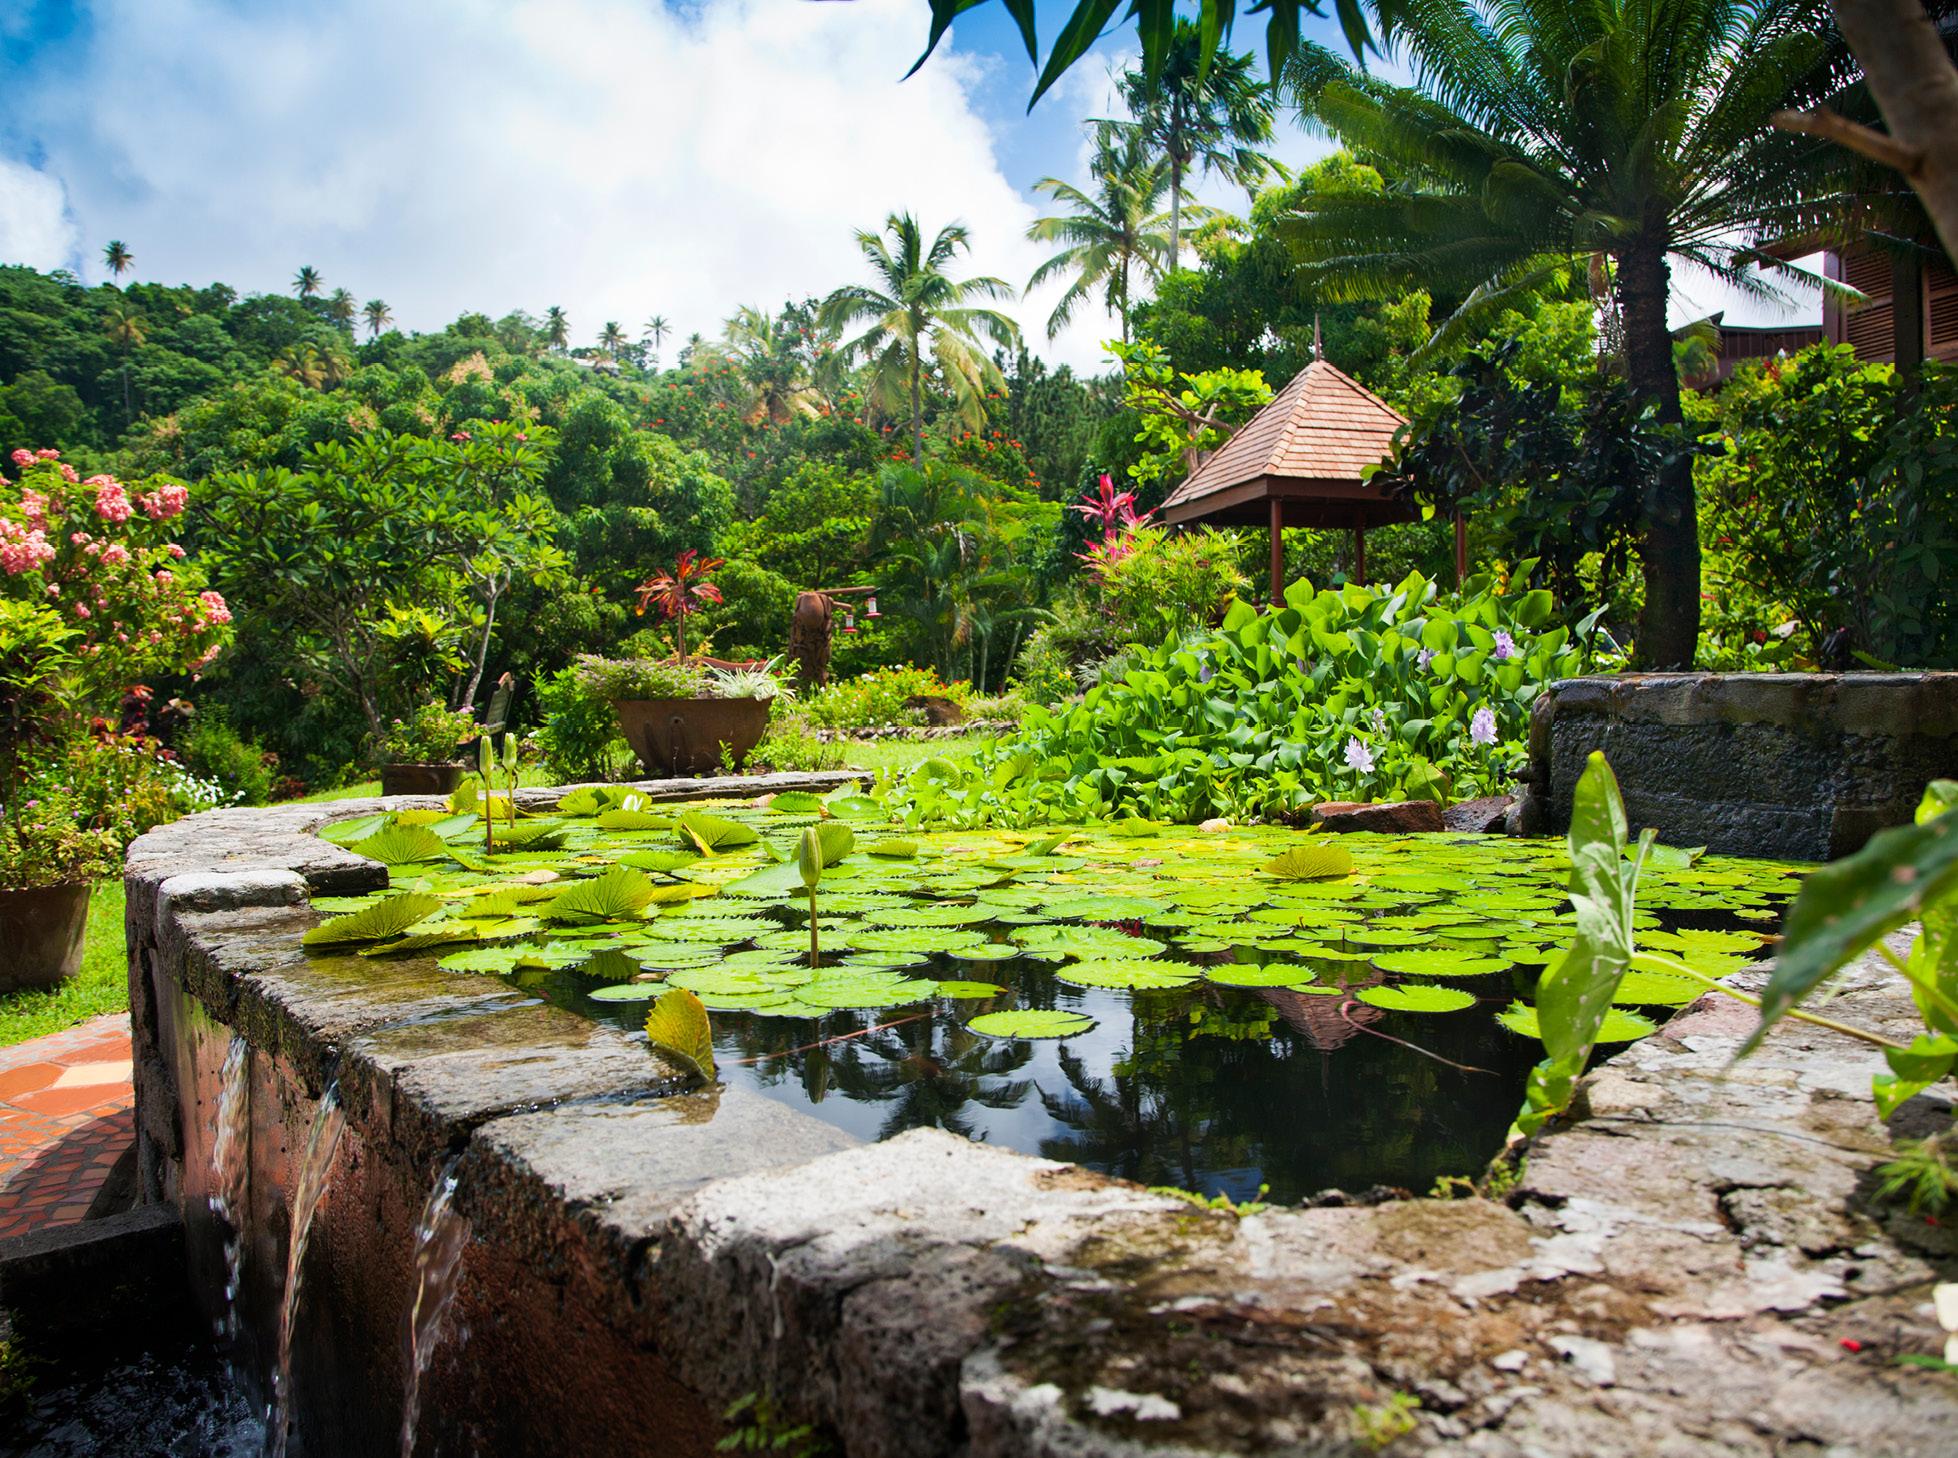 saint lucia gardens romantic couples